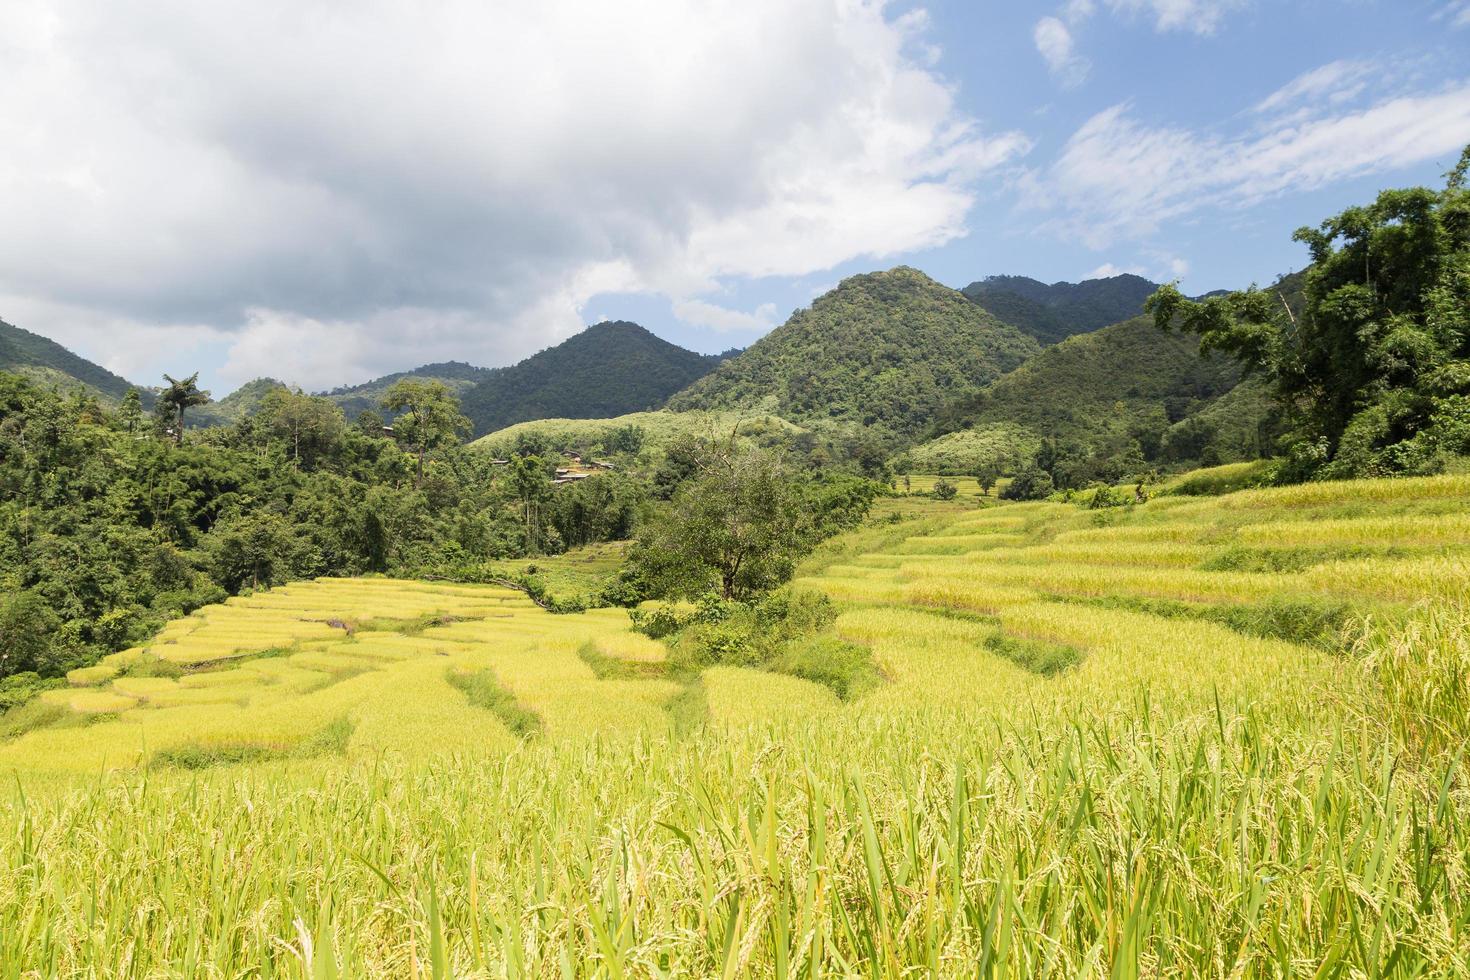 ferme de riz sur la montagne en thaïlande photo